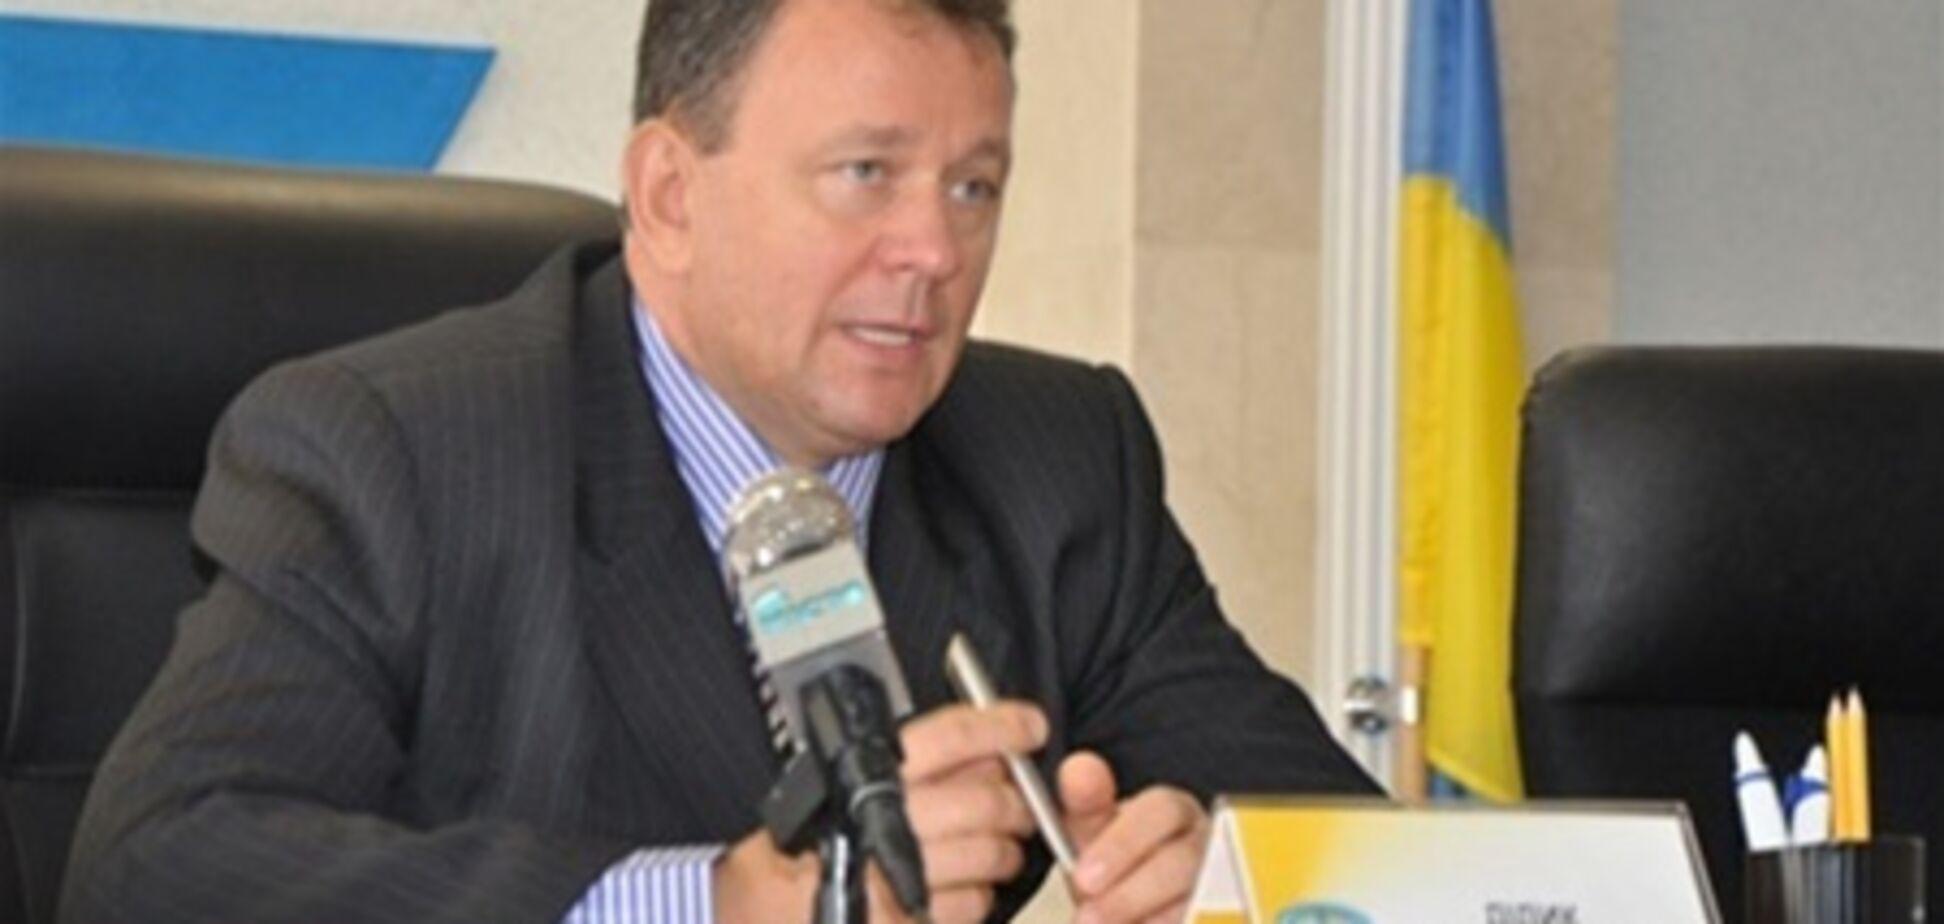 Начальник милиции Полтавы уволен из-за наркотиков